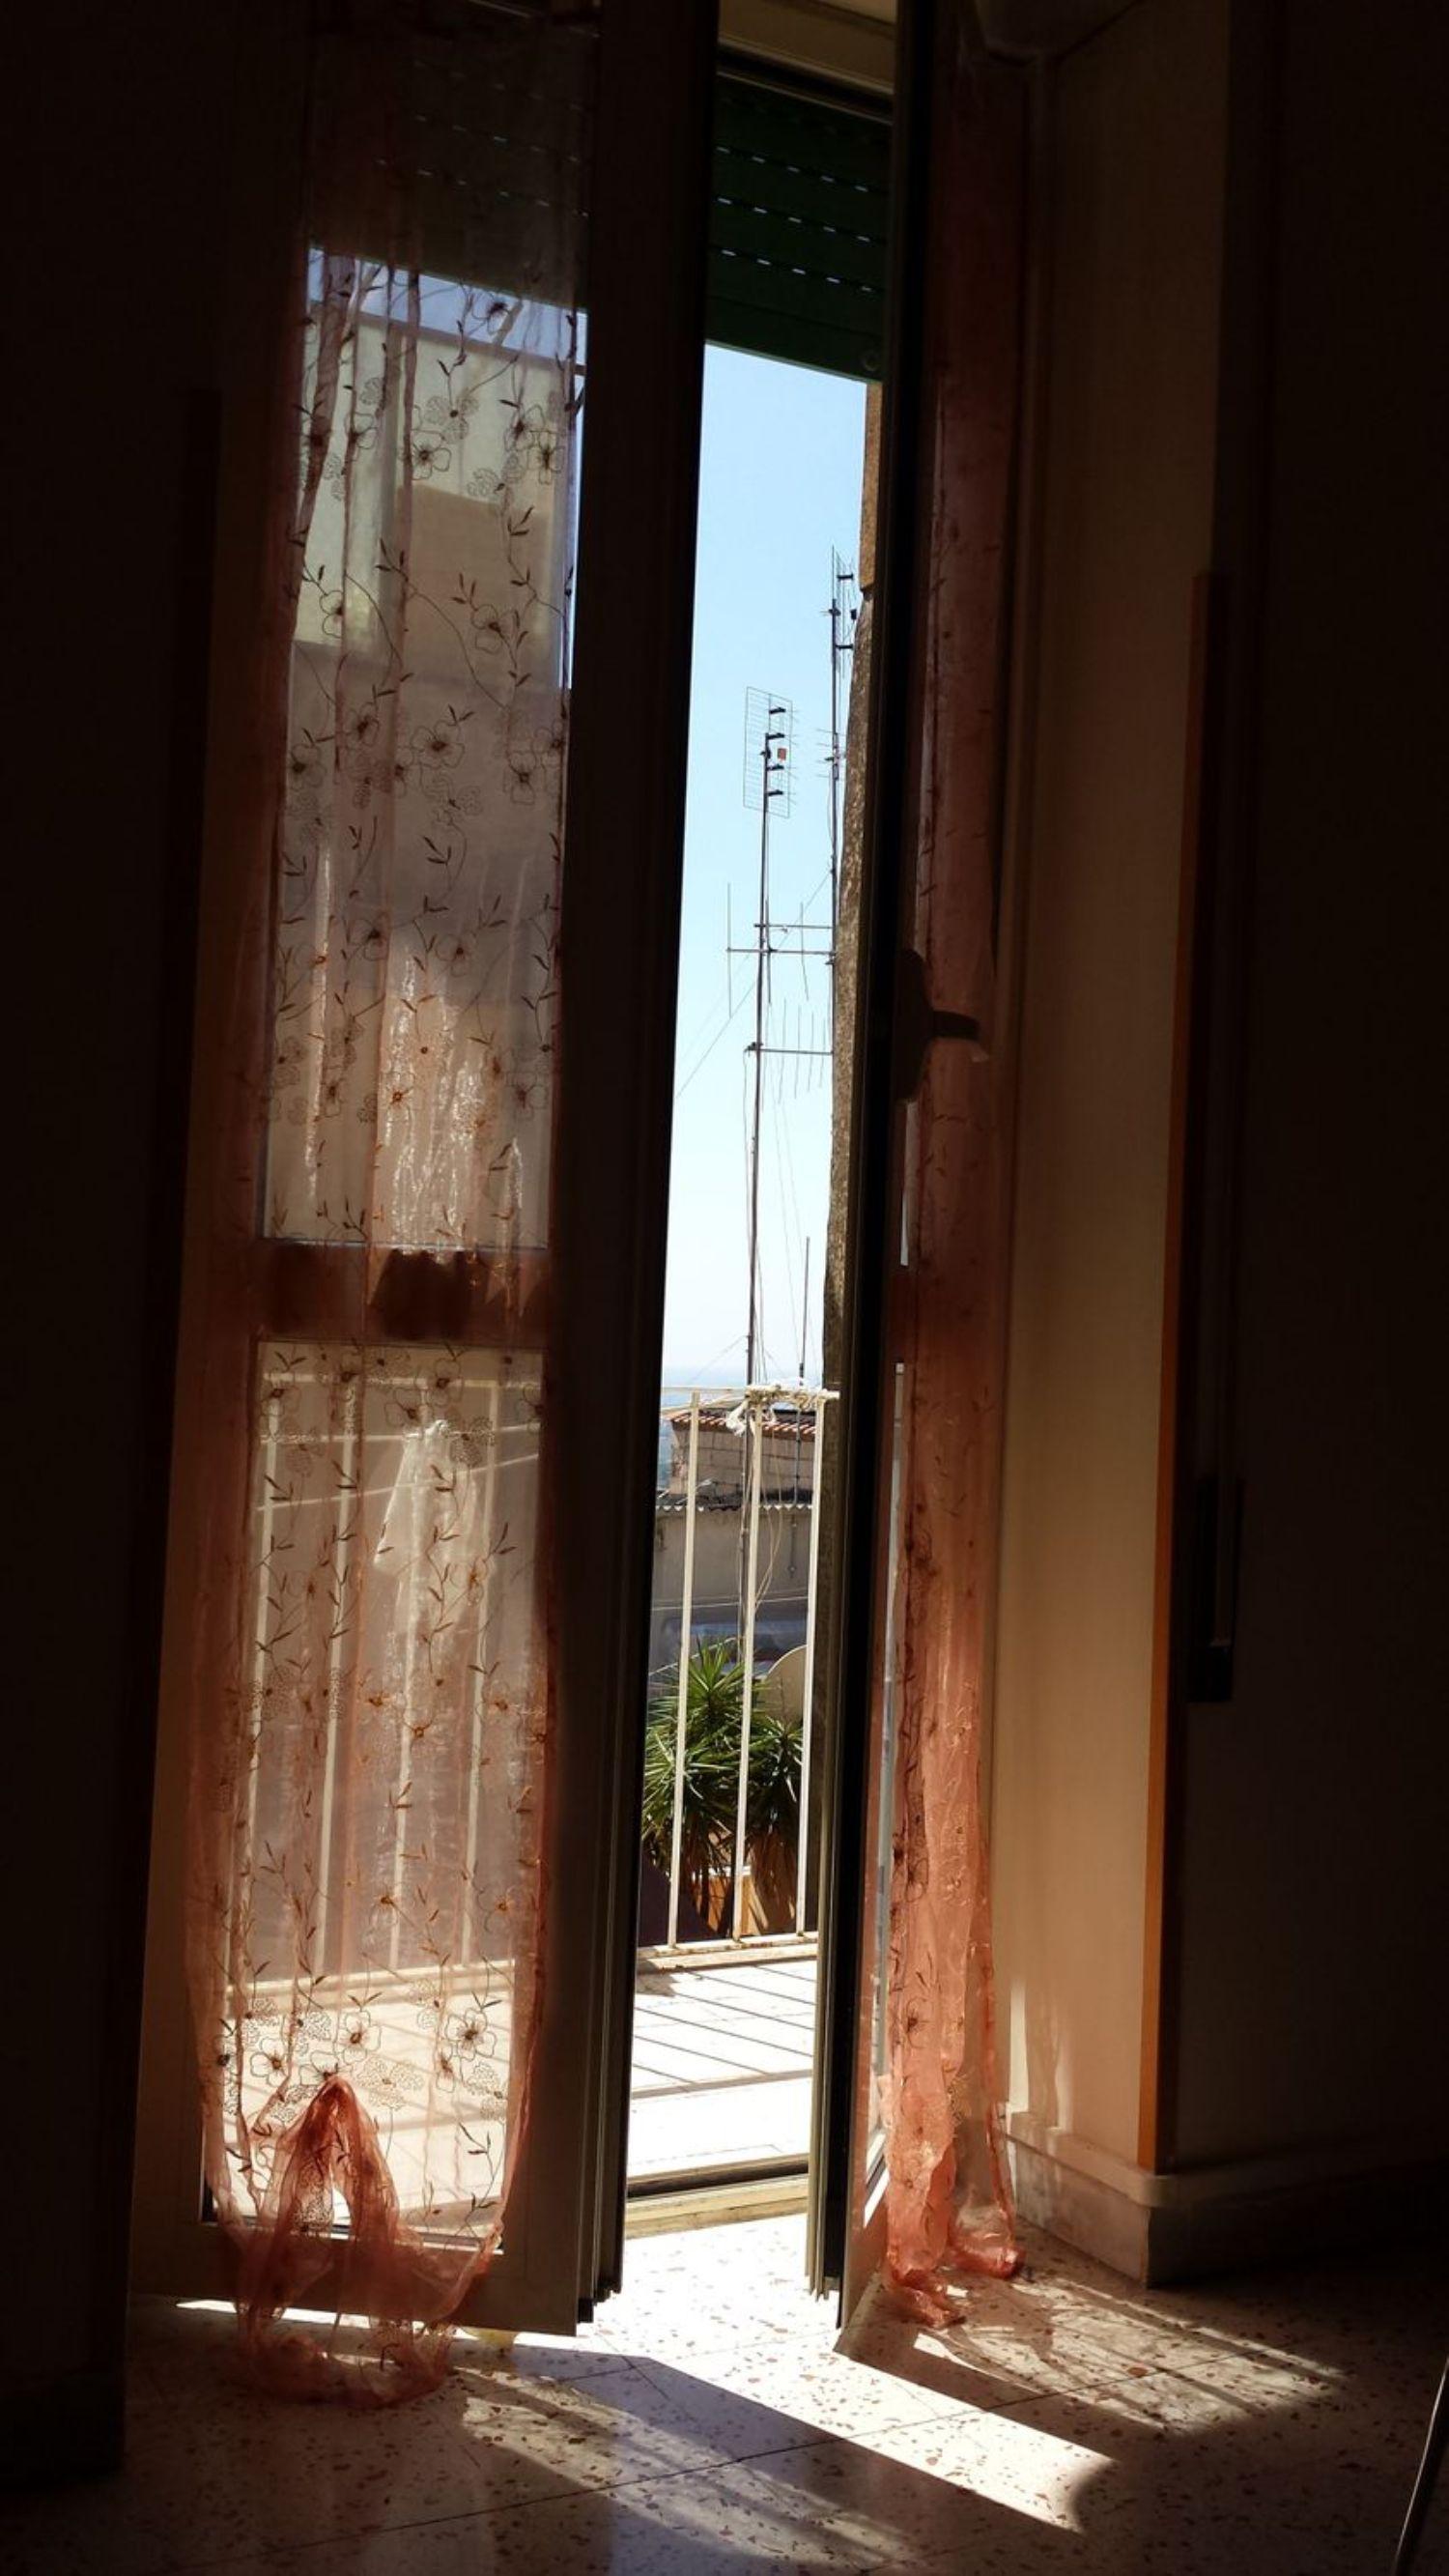 Appartamento in vendita a Velletri, 3 locali, prezzo € 69.000 | CambioCasa.it